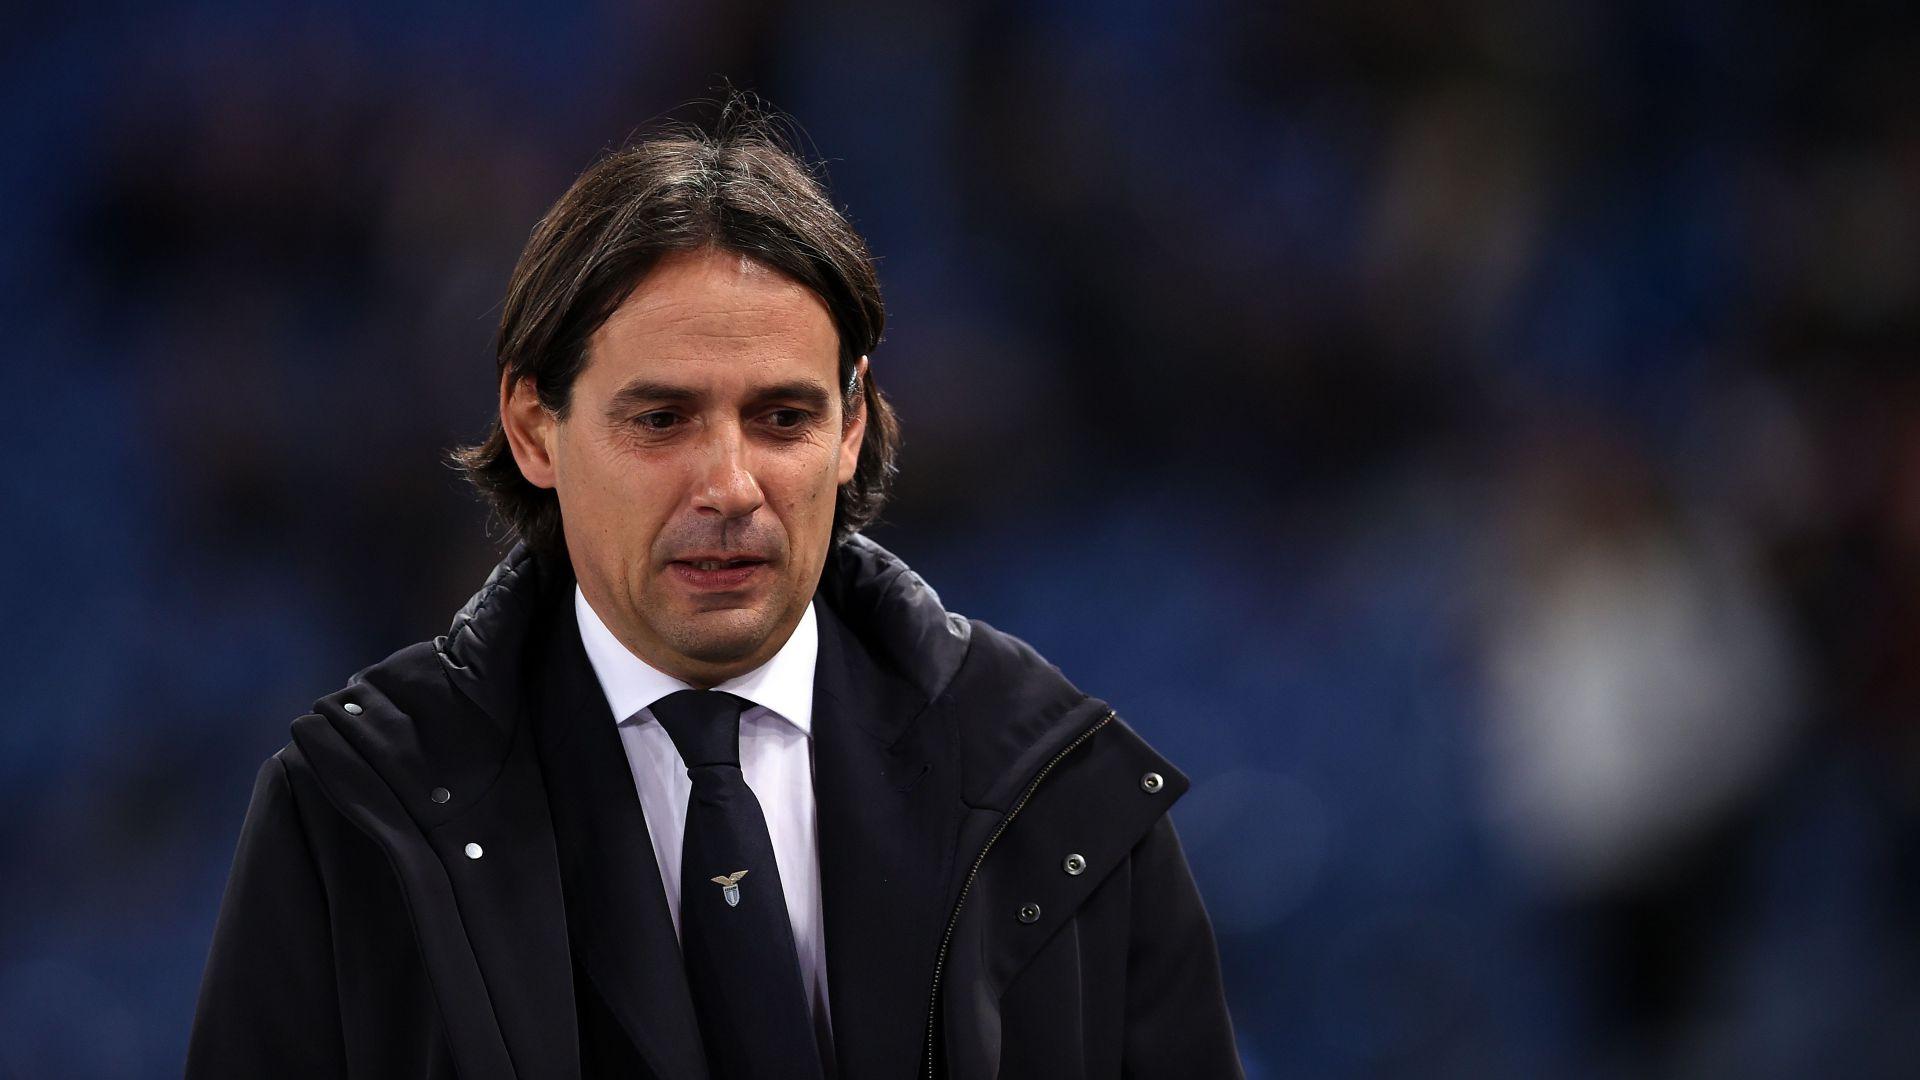 L'ammissione di Inzaghi: